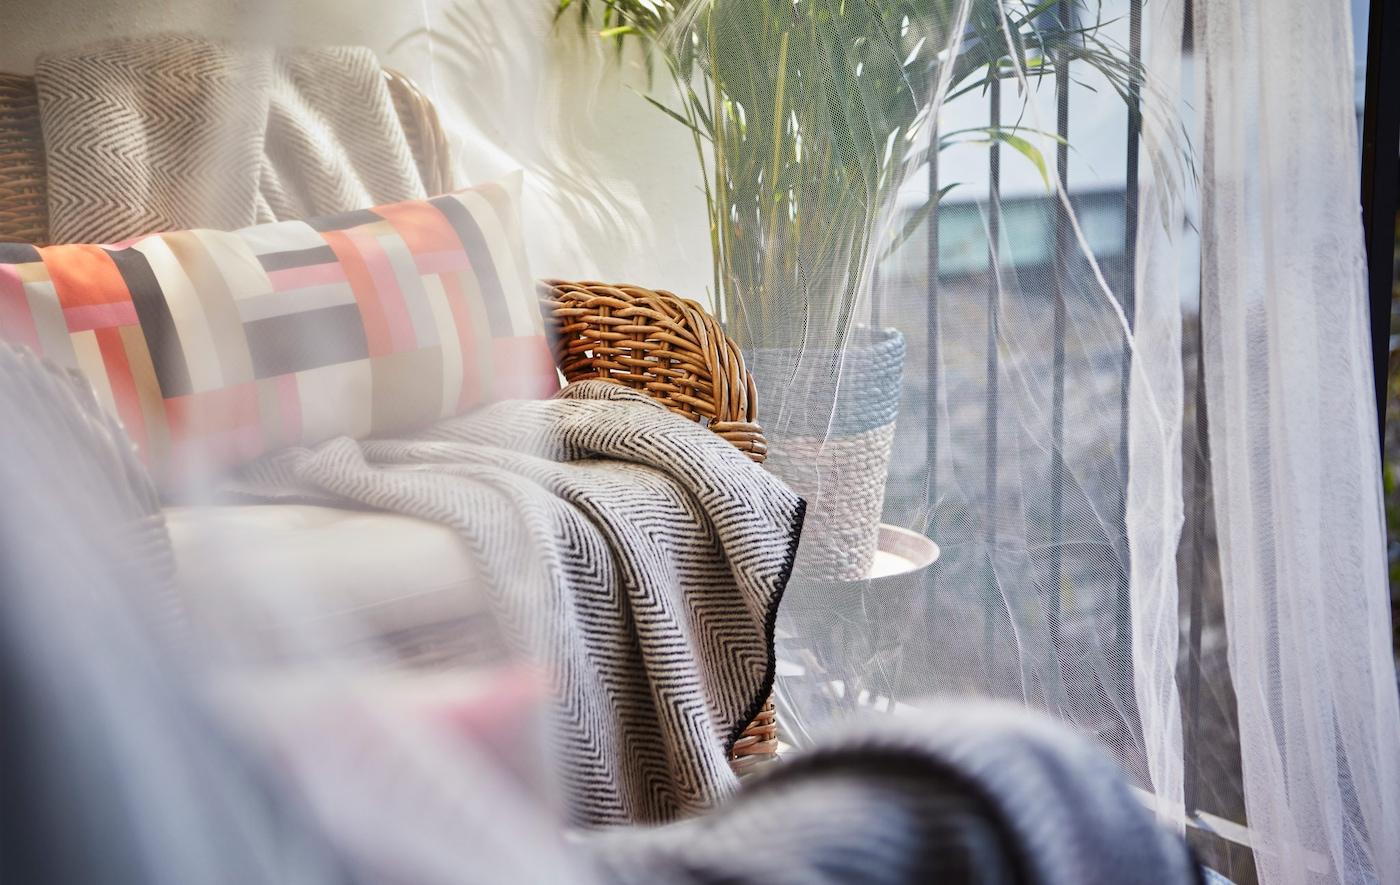 En närbild av en sittdel under ett skärmtak.